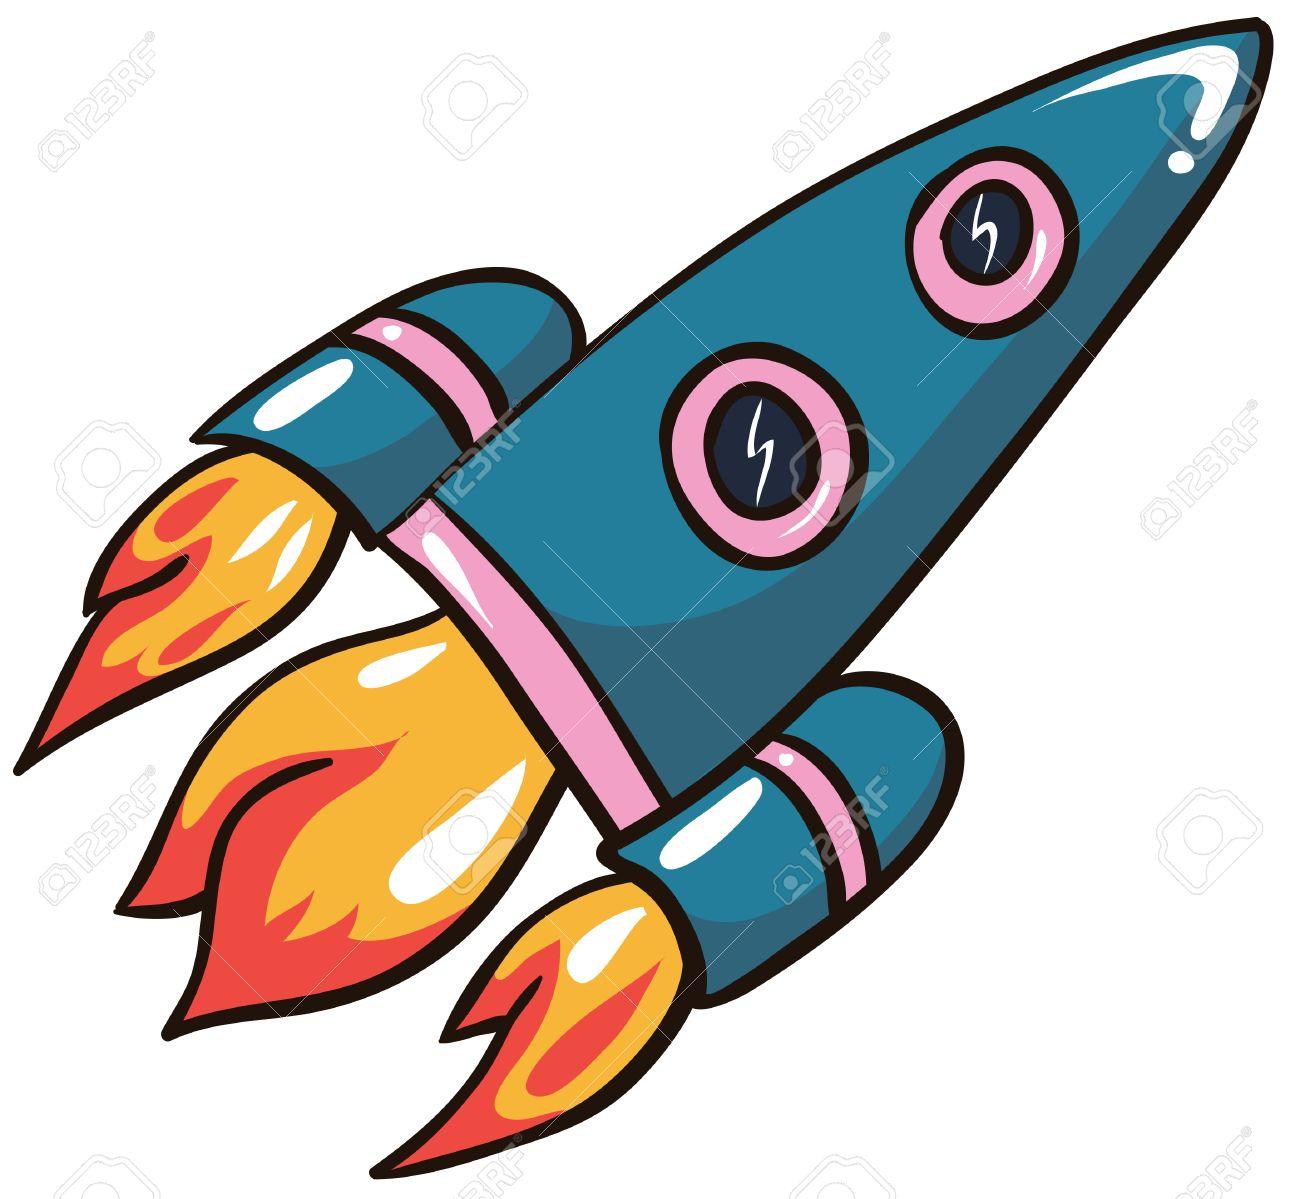 Rocket Pics   Free download best Rocket Pics on ClipArtMag.com